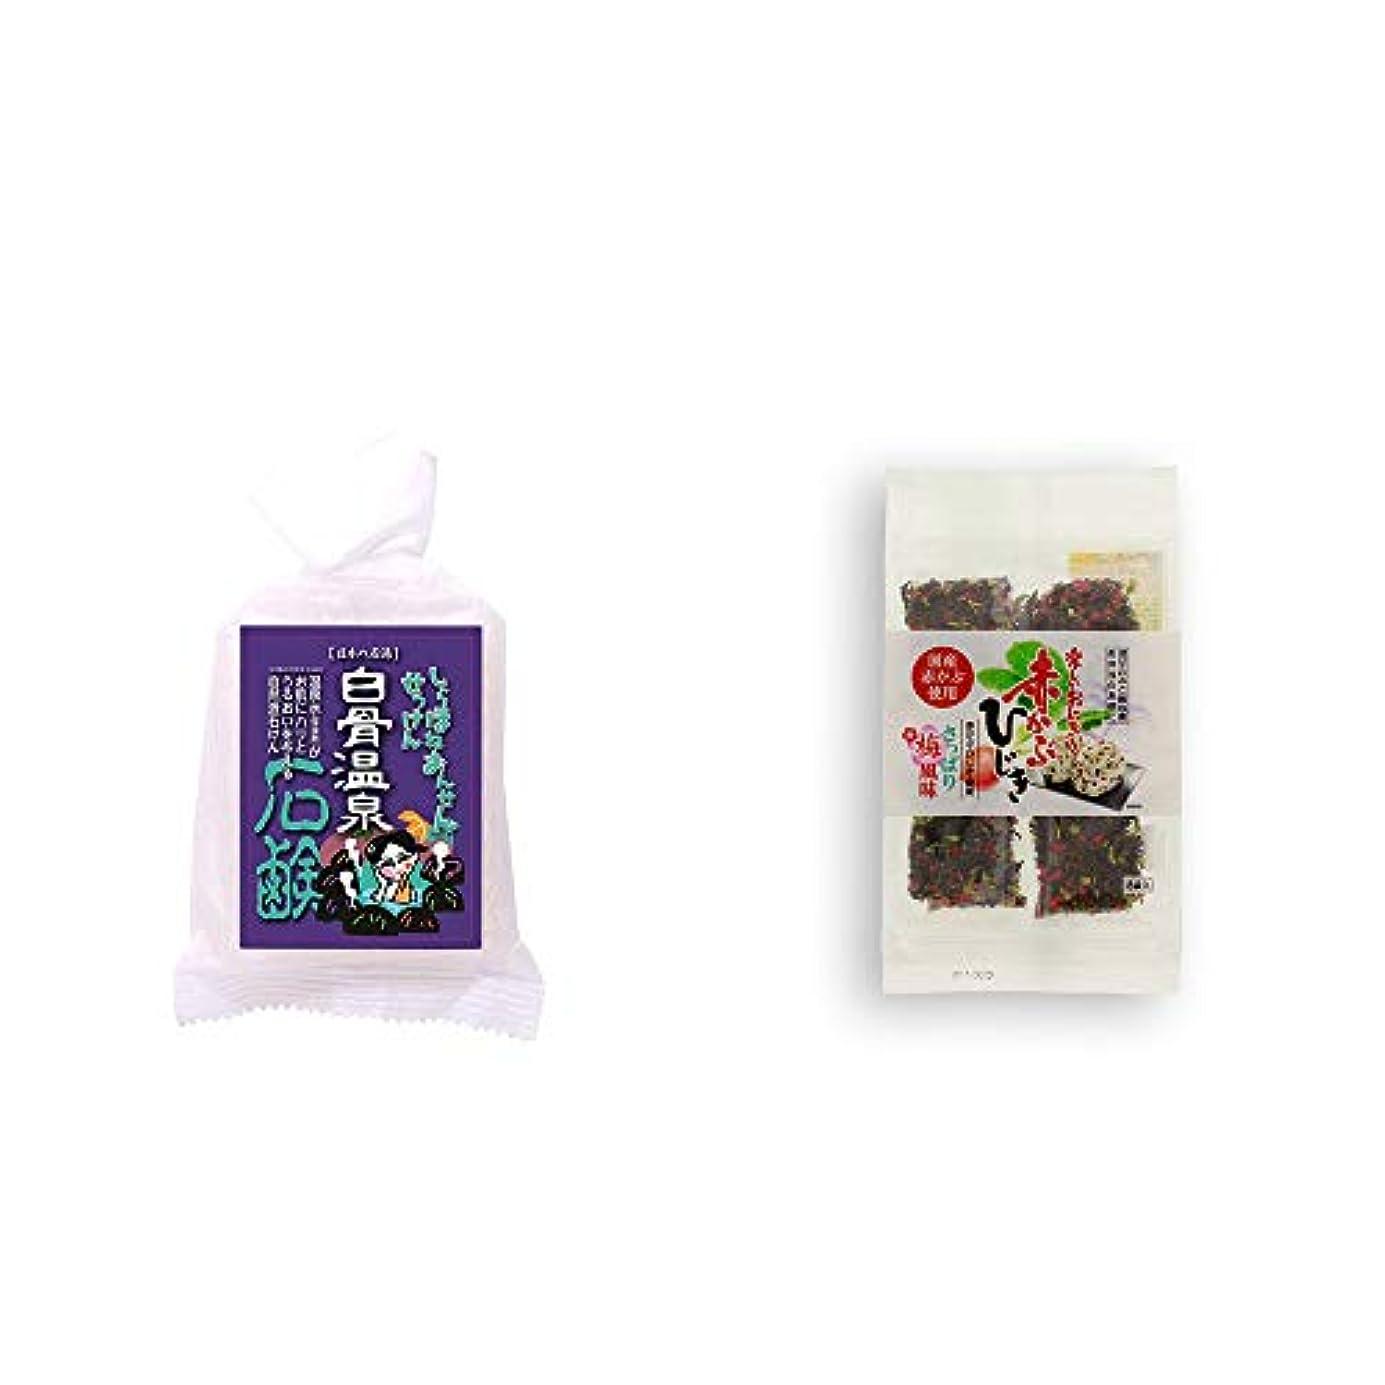 歯車便利定数[2点セット] 信州 白骨温泉石鹸(80g)?楽しいおにぎり 赤かぶひじき(8g×8袋)